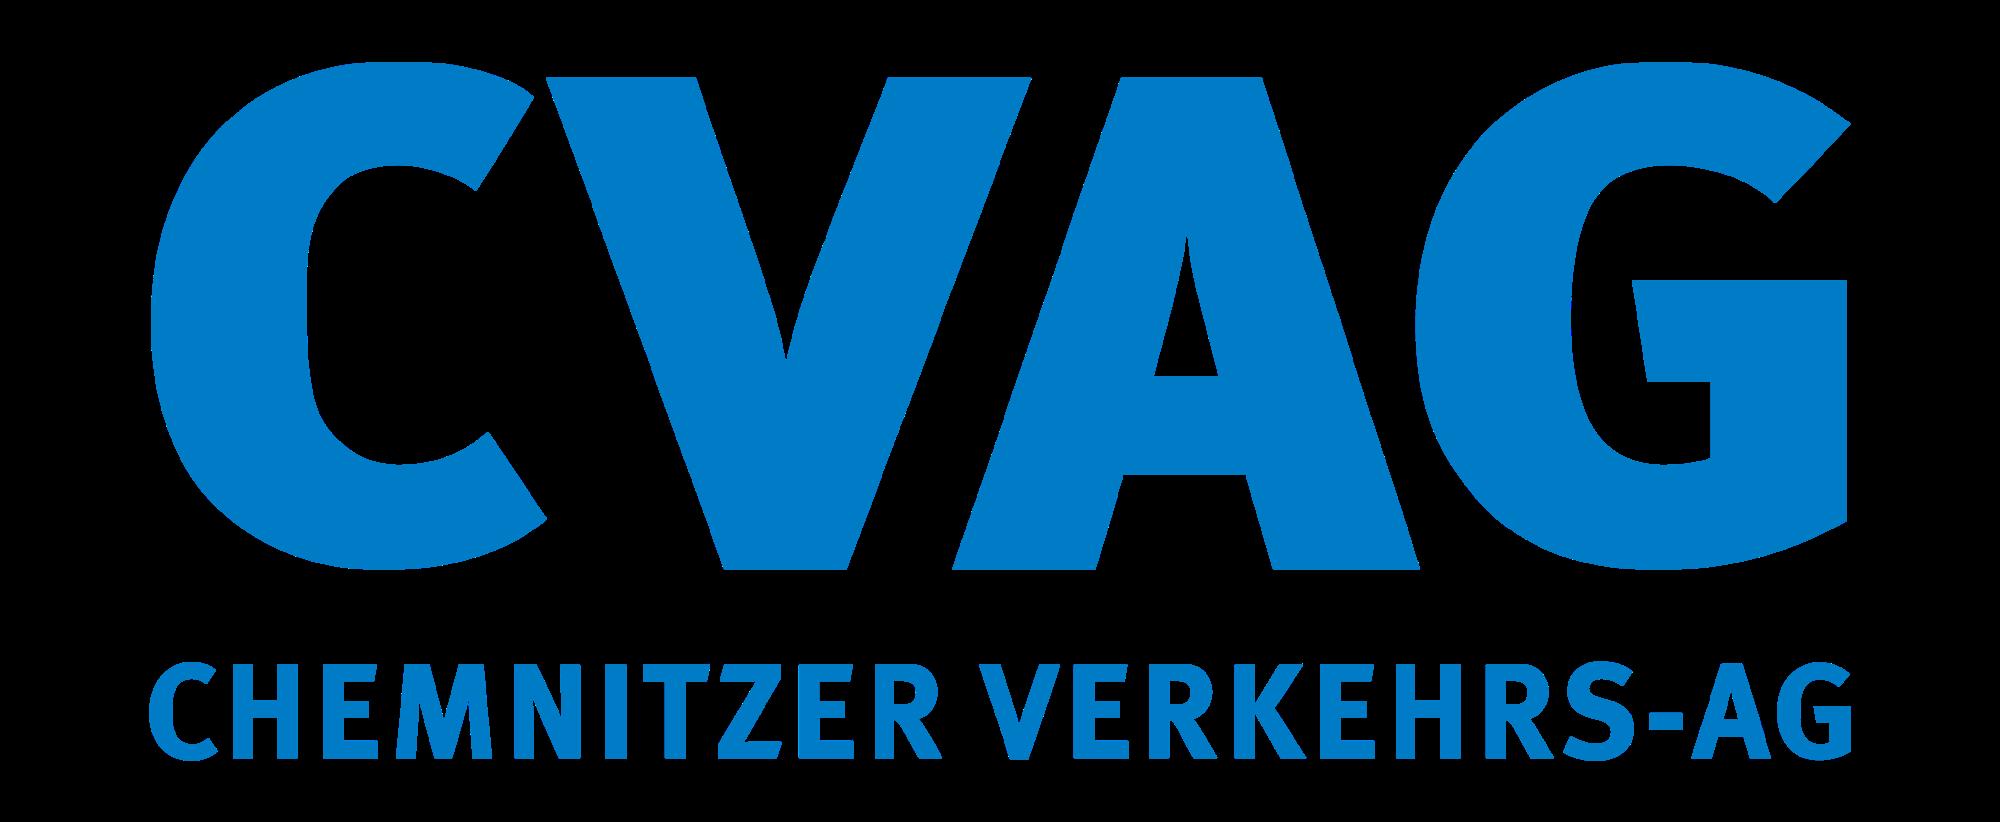 2019 CVAG-Logo_blau ohne Kasten.png